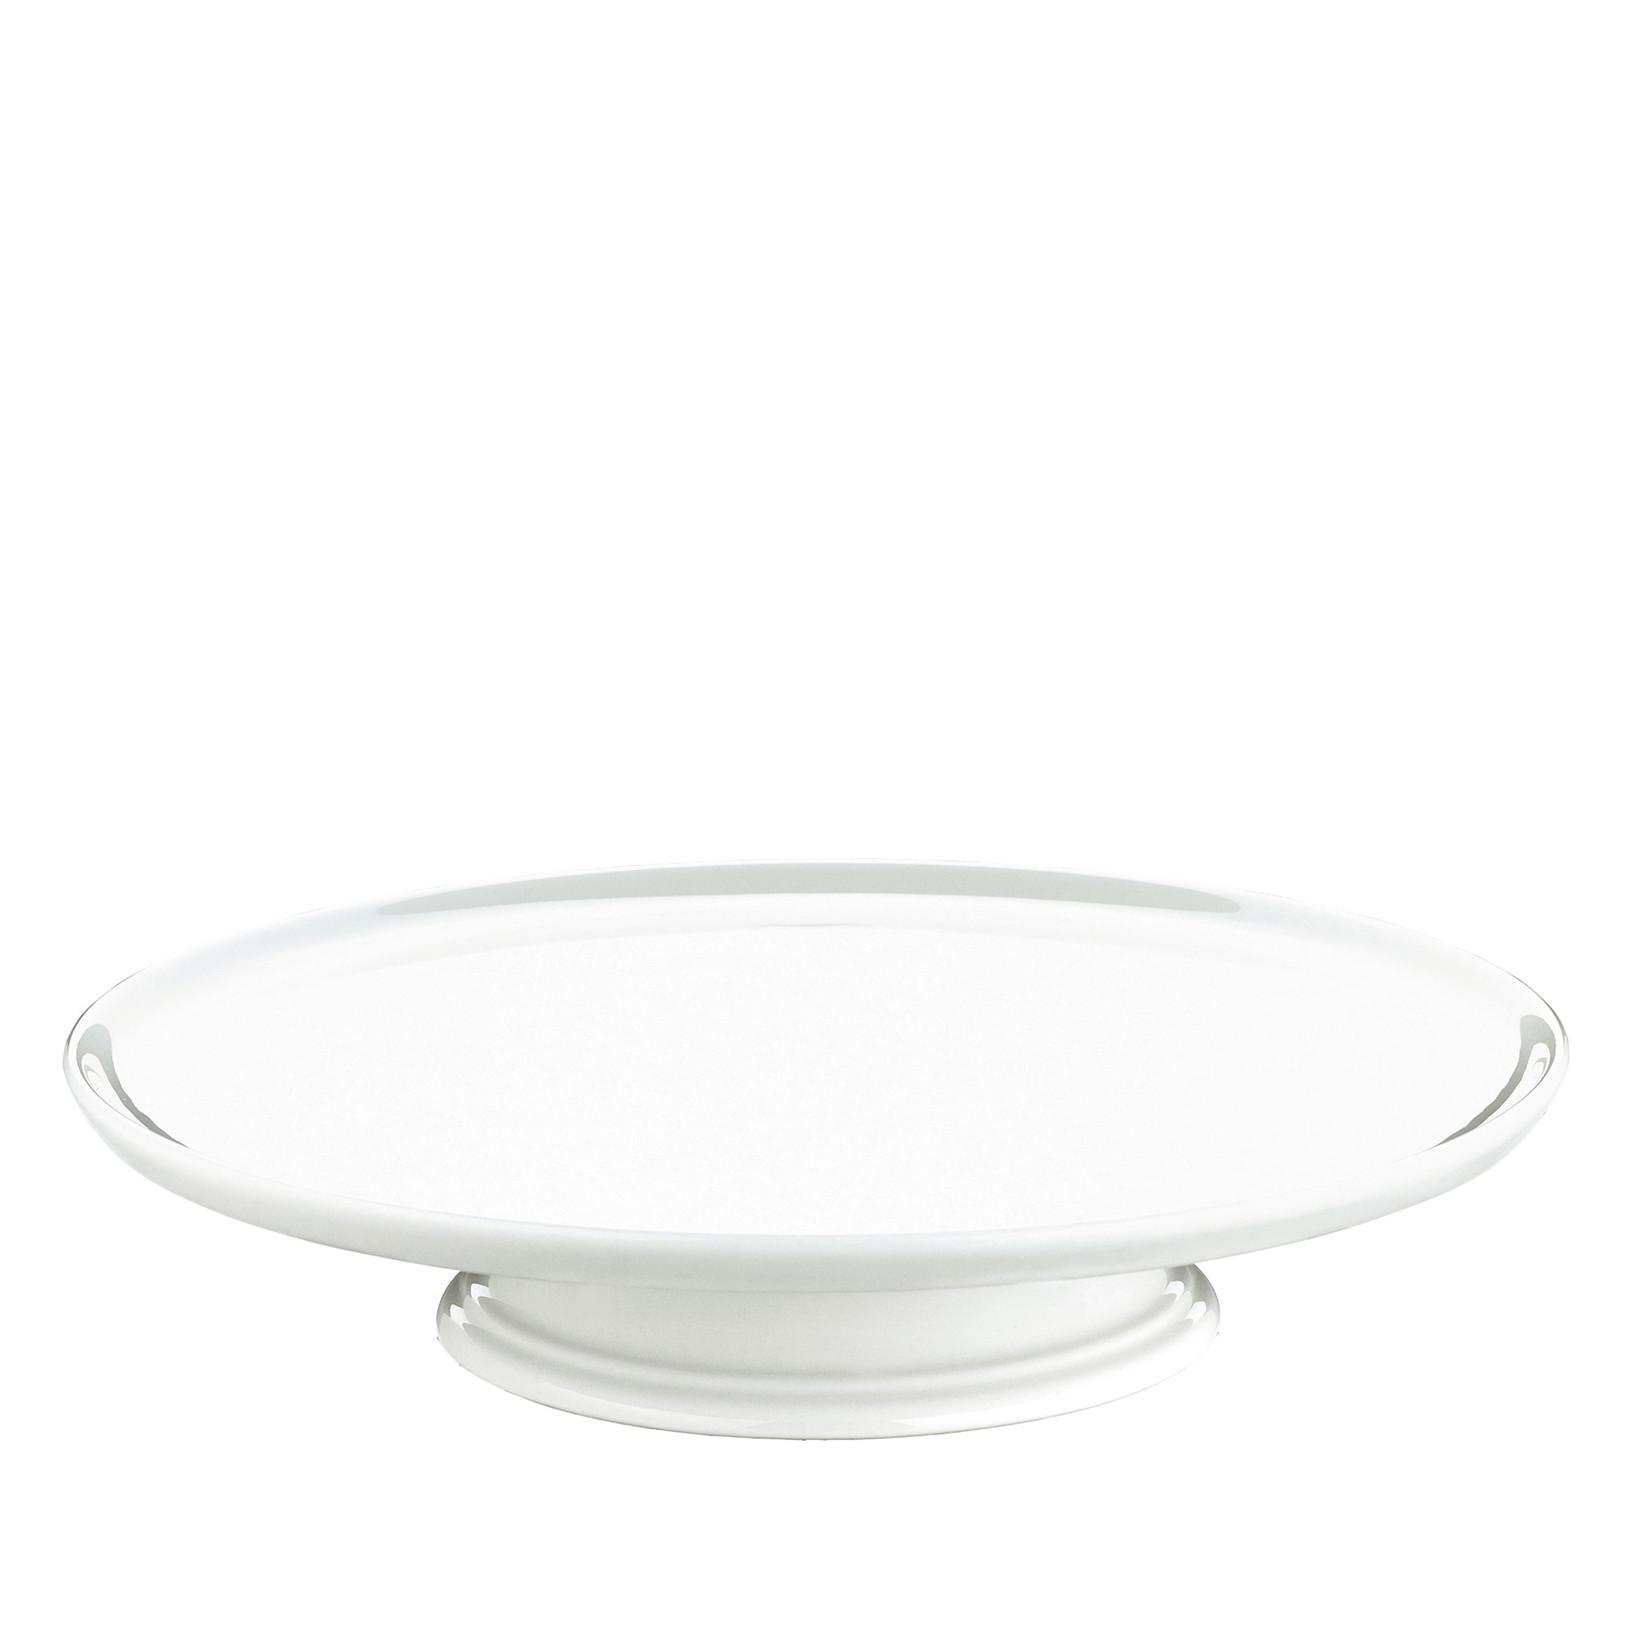 8c9a248247b Pillivuyt kagefad på fod 30 cm hvid » Køb her